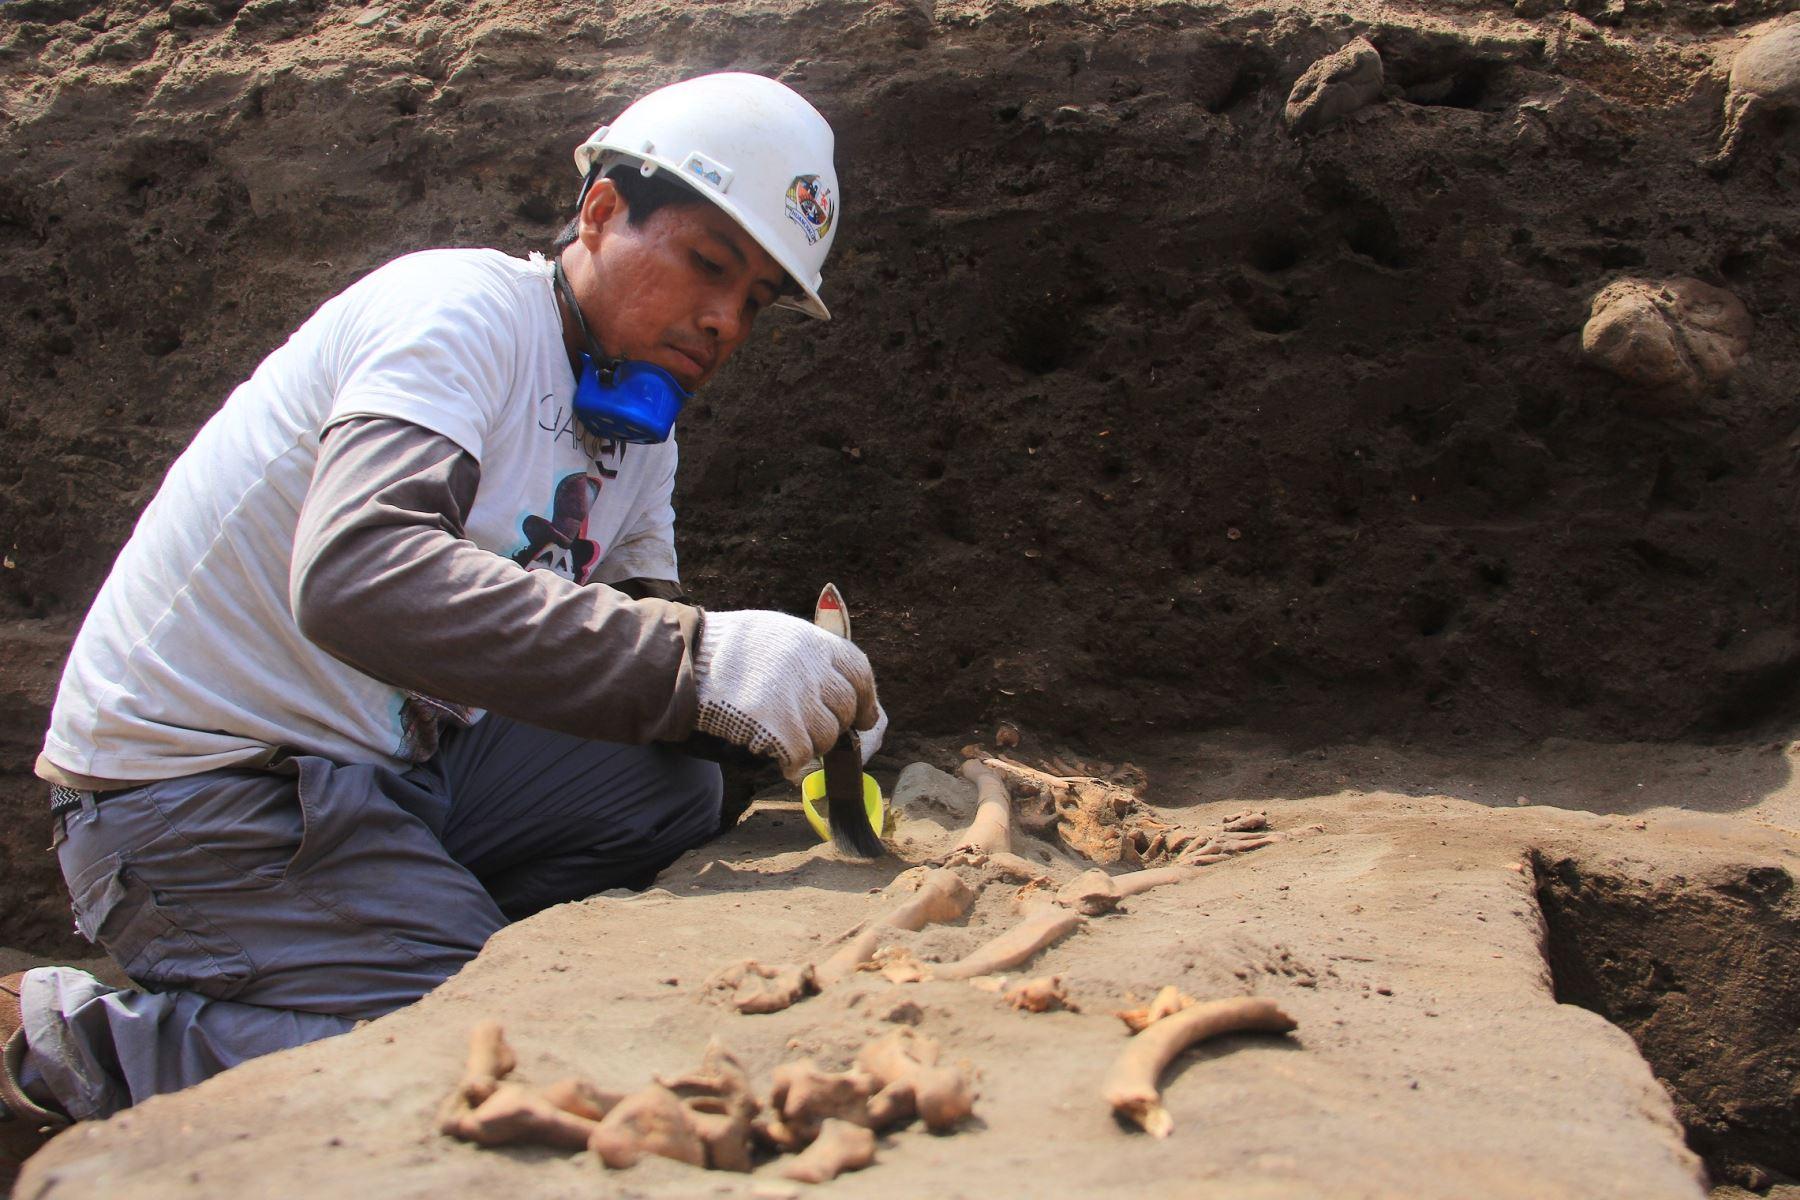 El hallazgo de los restos óseos de los niños sacrificados se realizó en la zona Pampa La Cruz, en Huanchaco, Trujillo y deslumbra a investigadores. ANDINA/Luis Puell